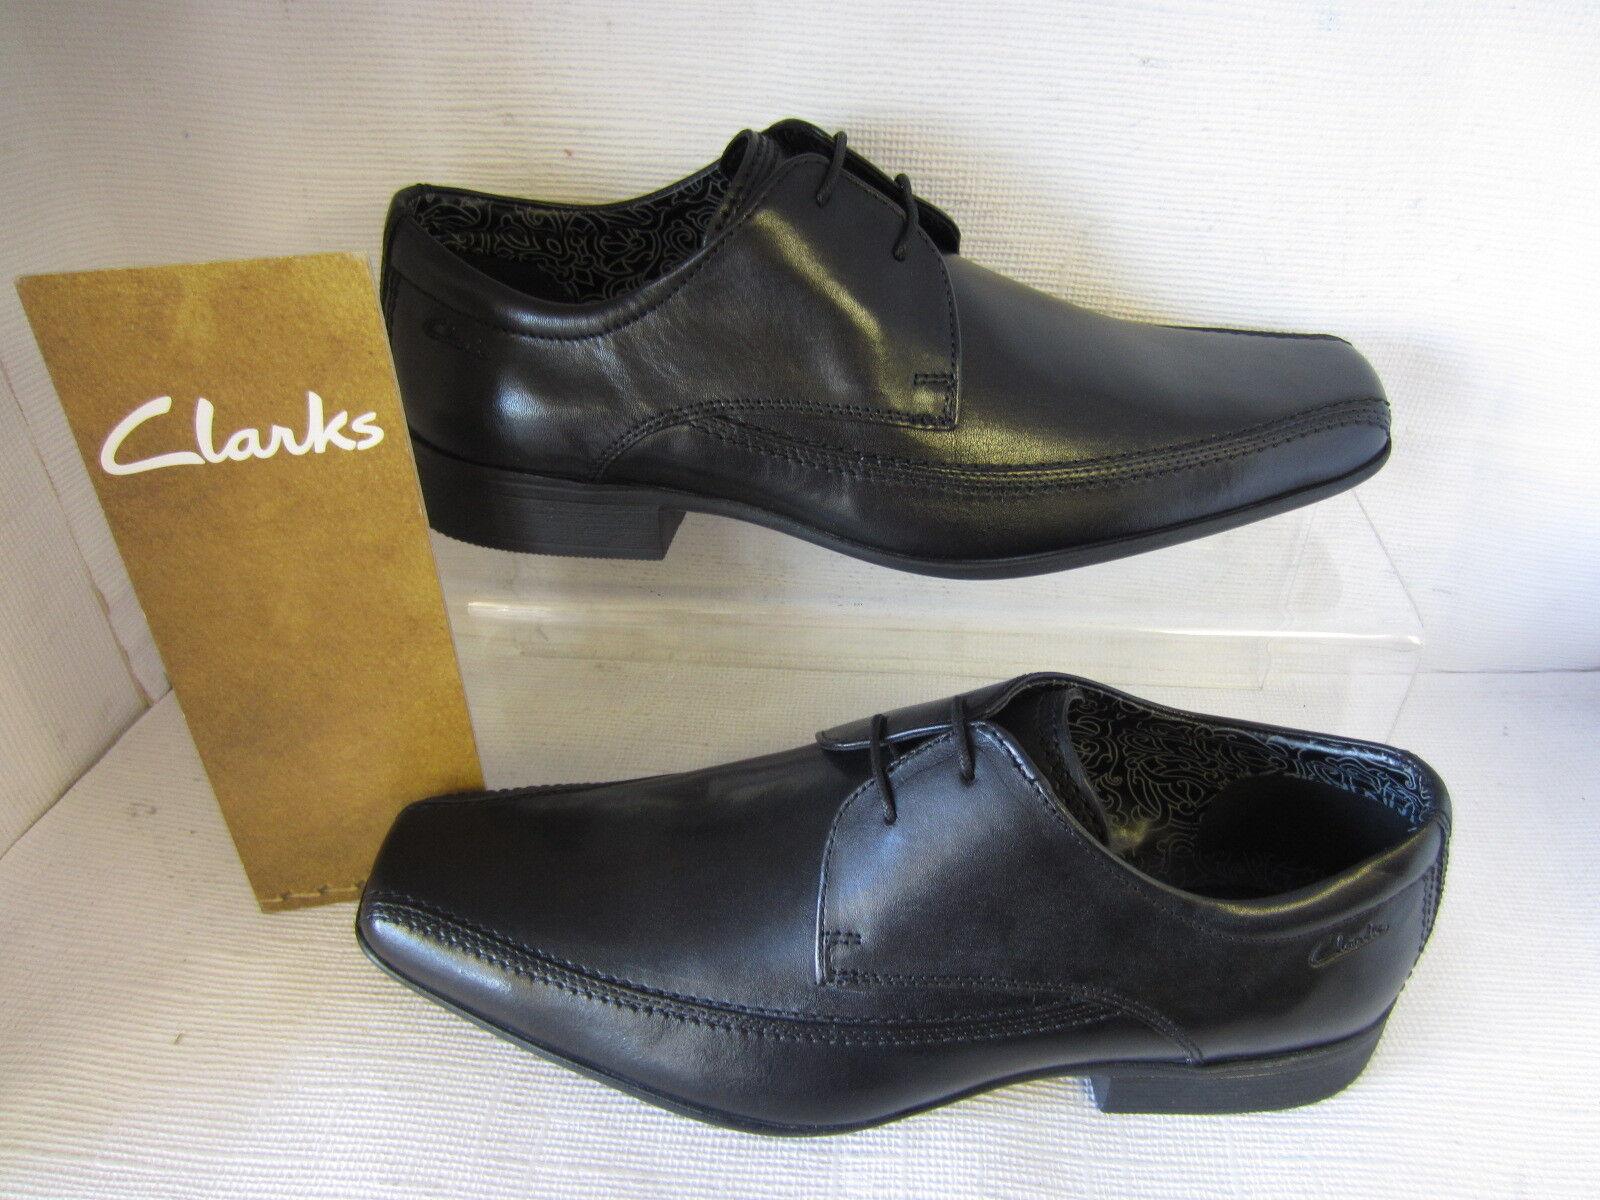 Clarks Hombre Zapatos AZE Día Día Día Cordones Negro Ajuste G / Ancho Cuero Superior 5091d8